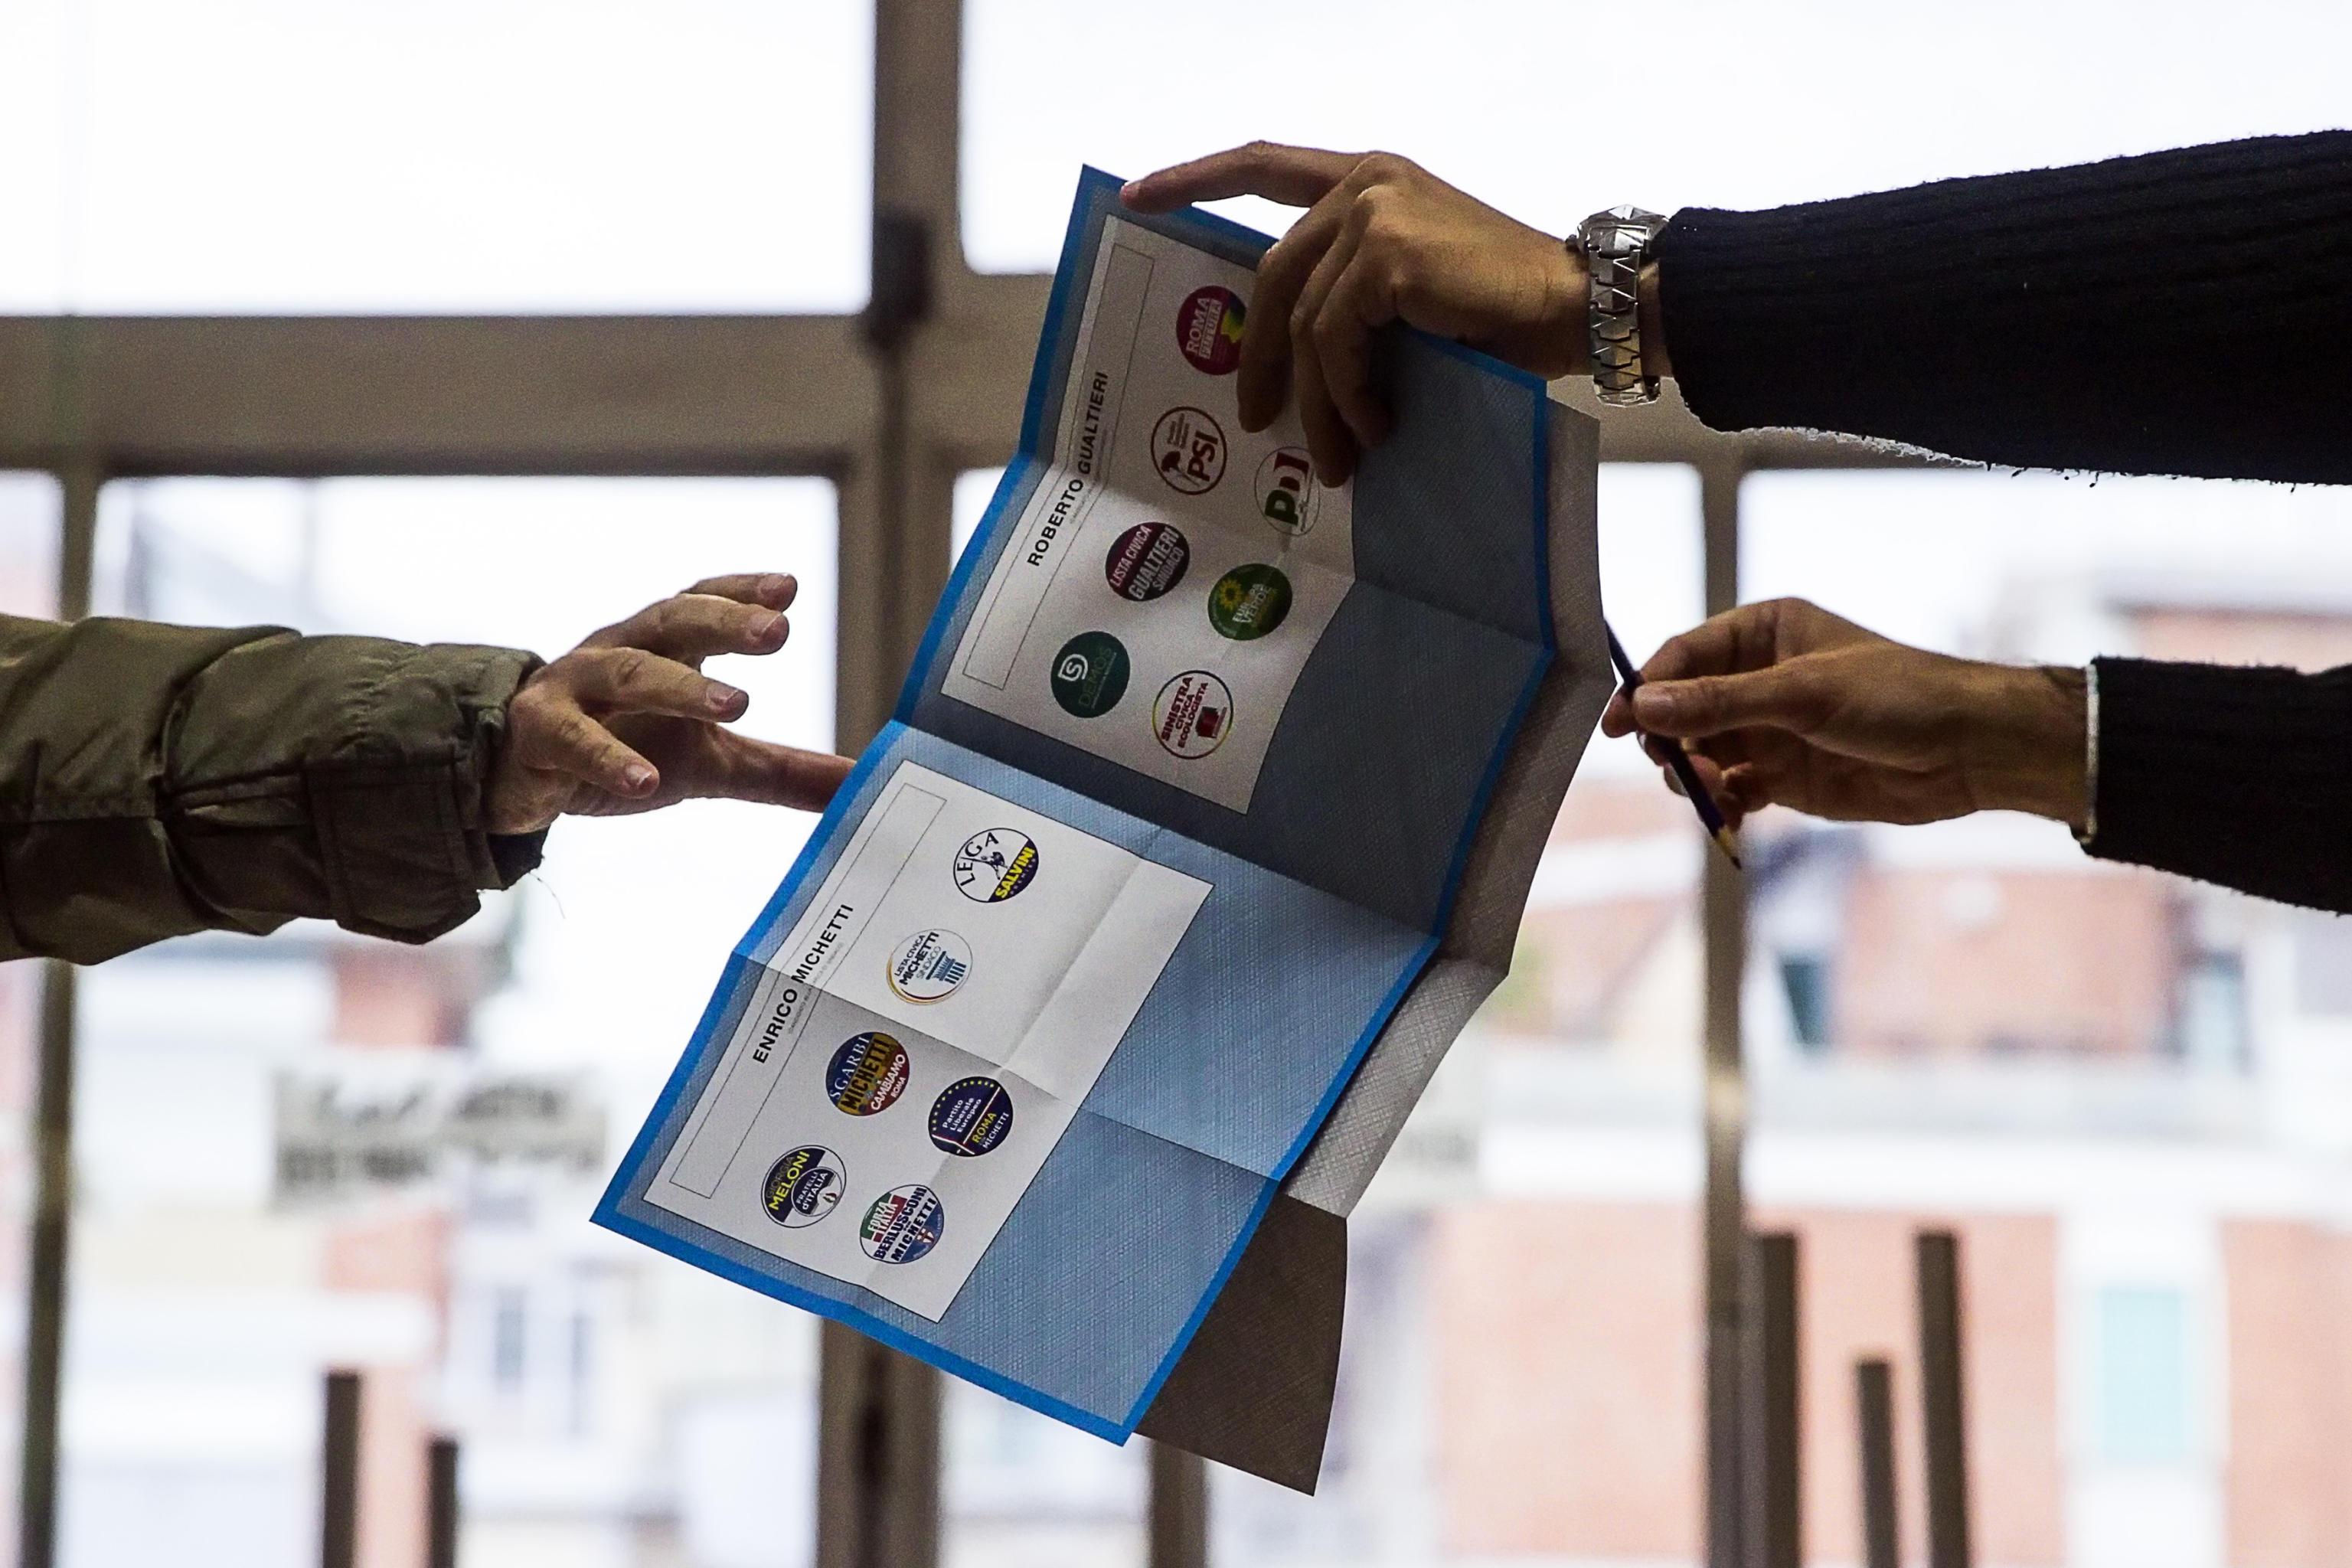 Ballottaggi, affluenza in picchiata: alle 23 ha votato il 33%. Roma si ferma al 30%, Torino al 32%